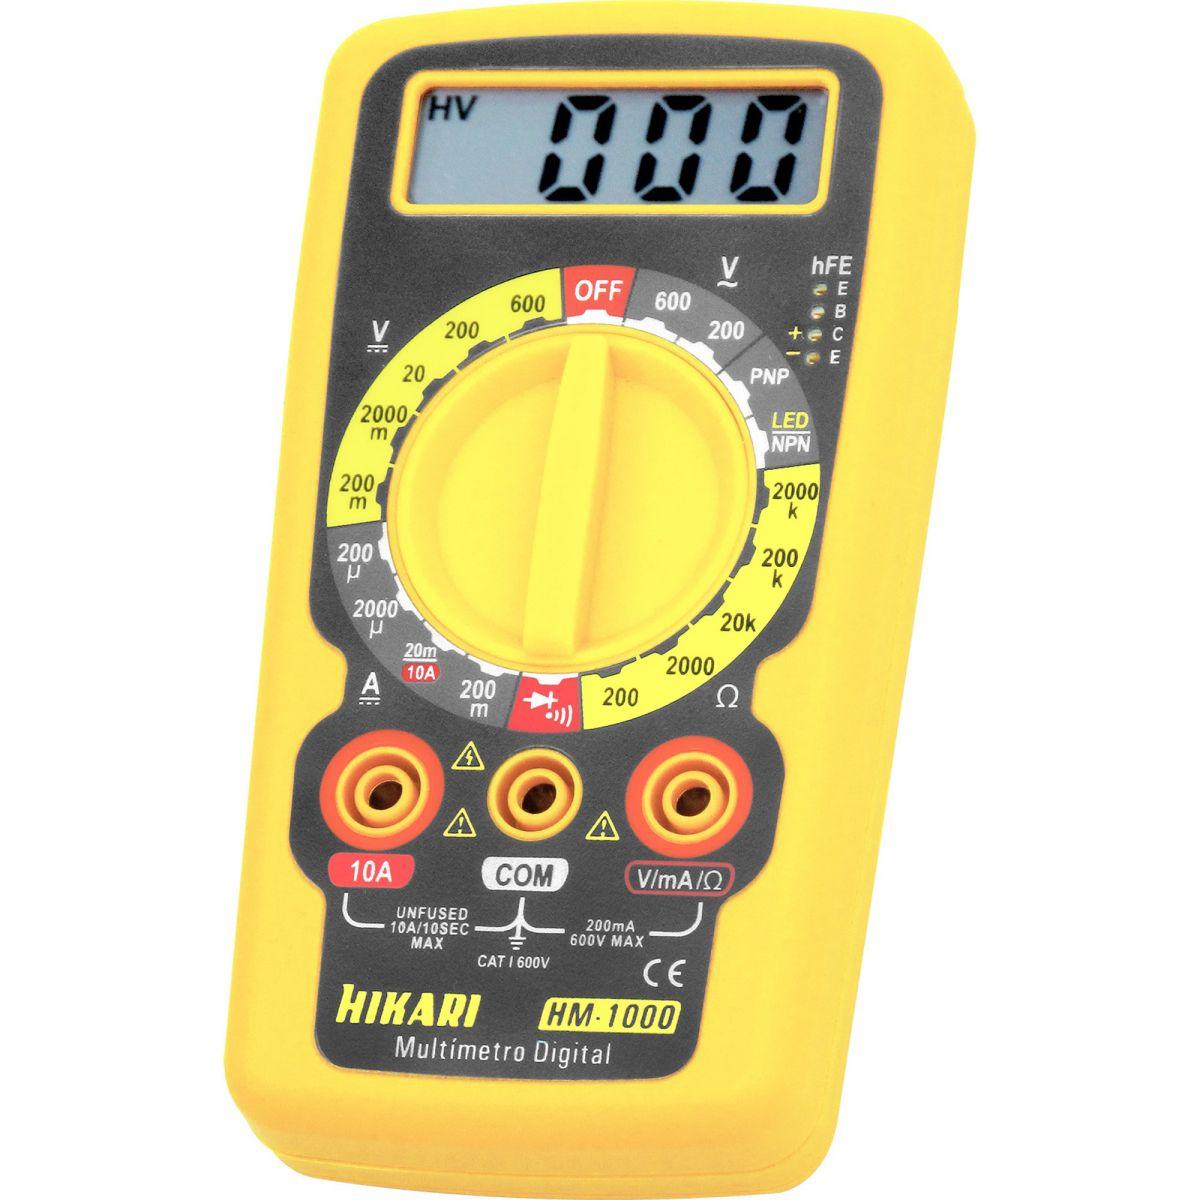 Multimetro Digital HM-1000 - Hikari